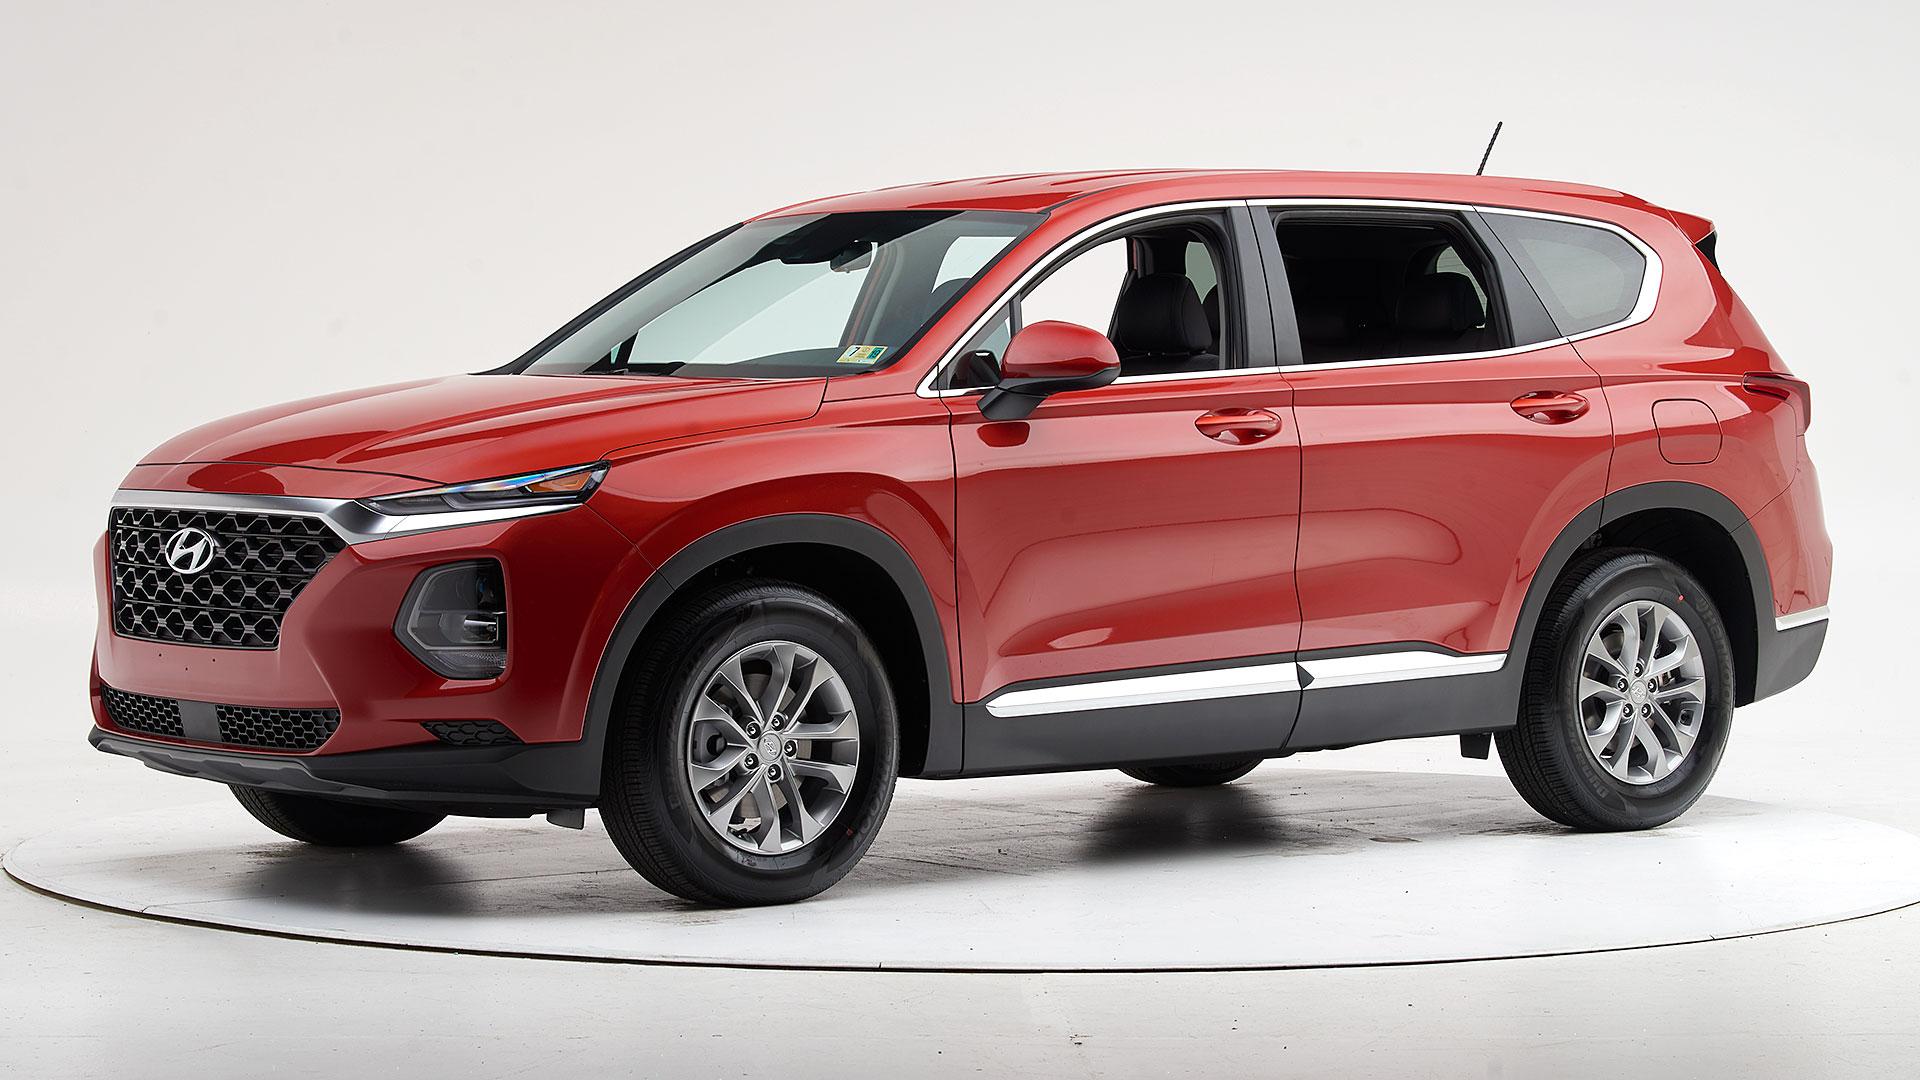 Santa Fe Suv >> 2020 Hyundai Santa Fe